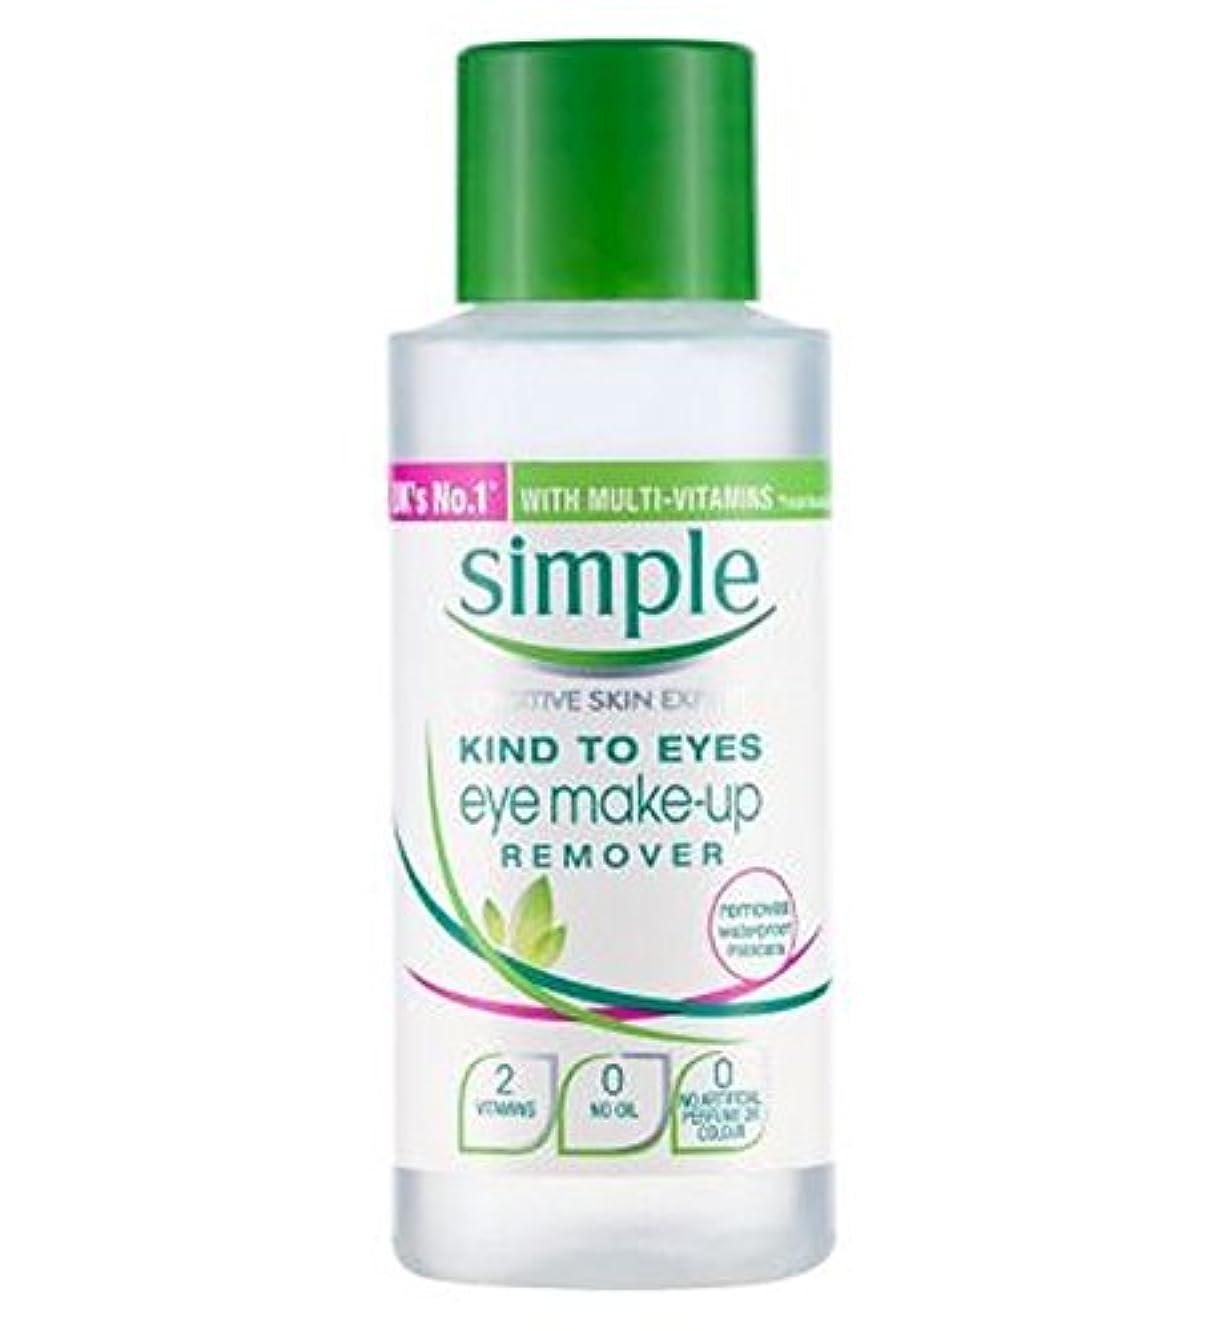 ターミナル場合エンジン目のアイメイクアップリムーバーの50ミリリットルへの単純な種類 (Simple) (x2) - Simple Kind to Eyes Eye Make-Up Remover 50ml (Pack of 2) [並行輸入品]